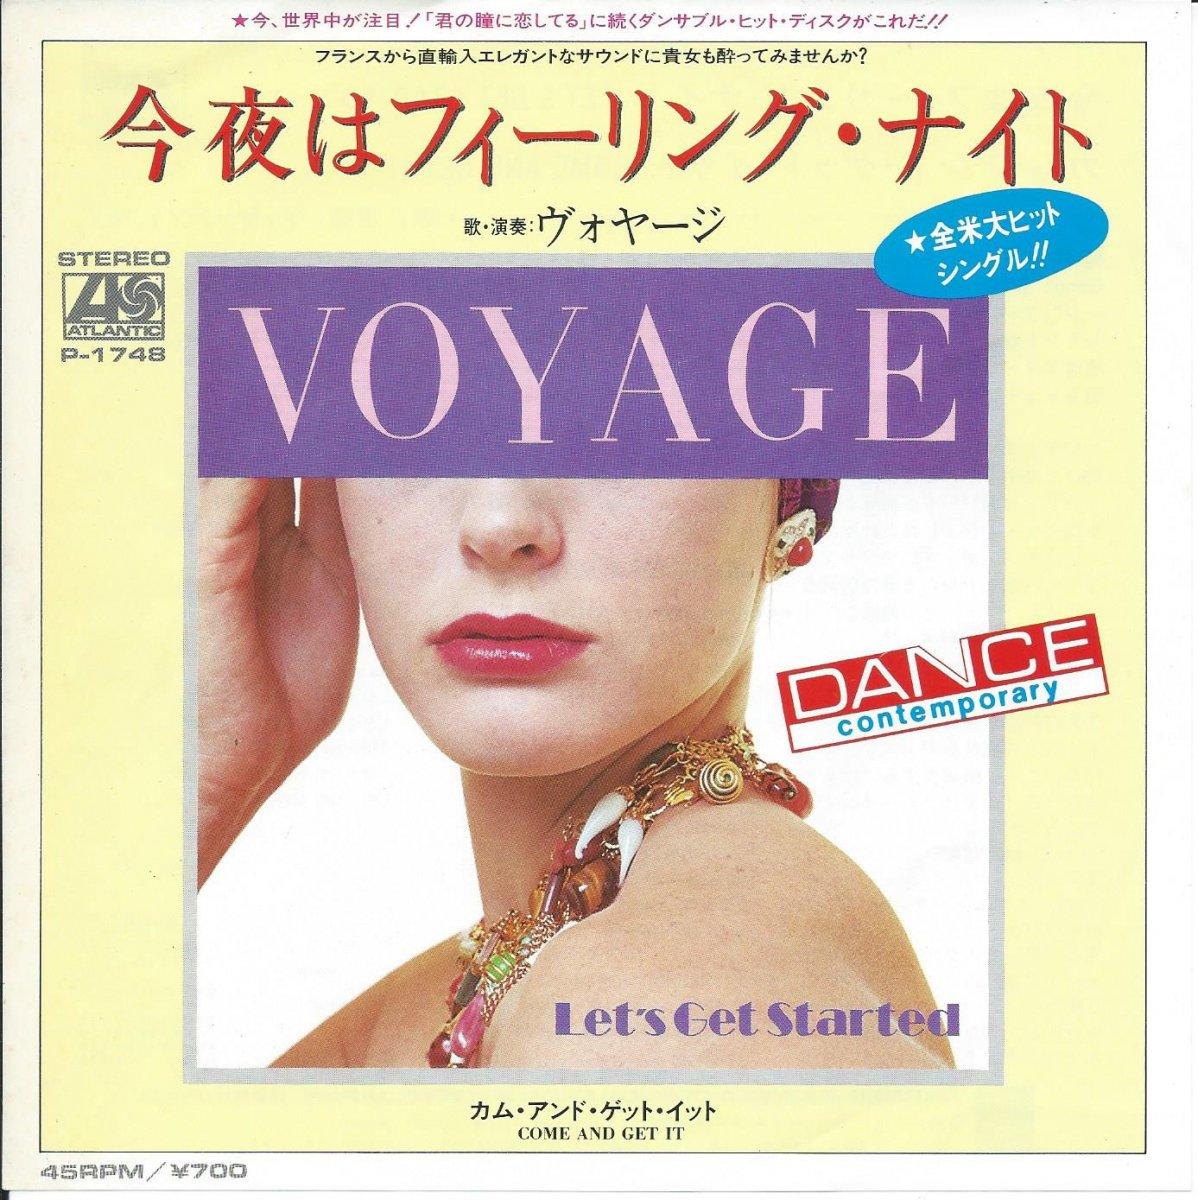 ヴォヤージ VOYAGE / 今夜はフィーリング・ナイト LET'S GET STARTED (7